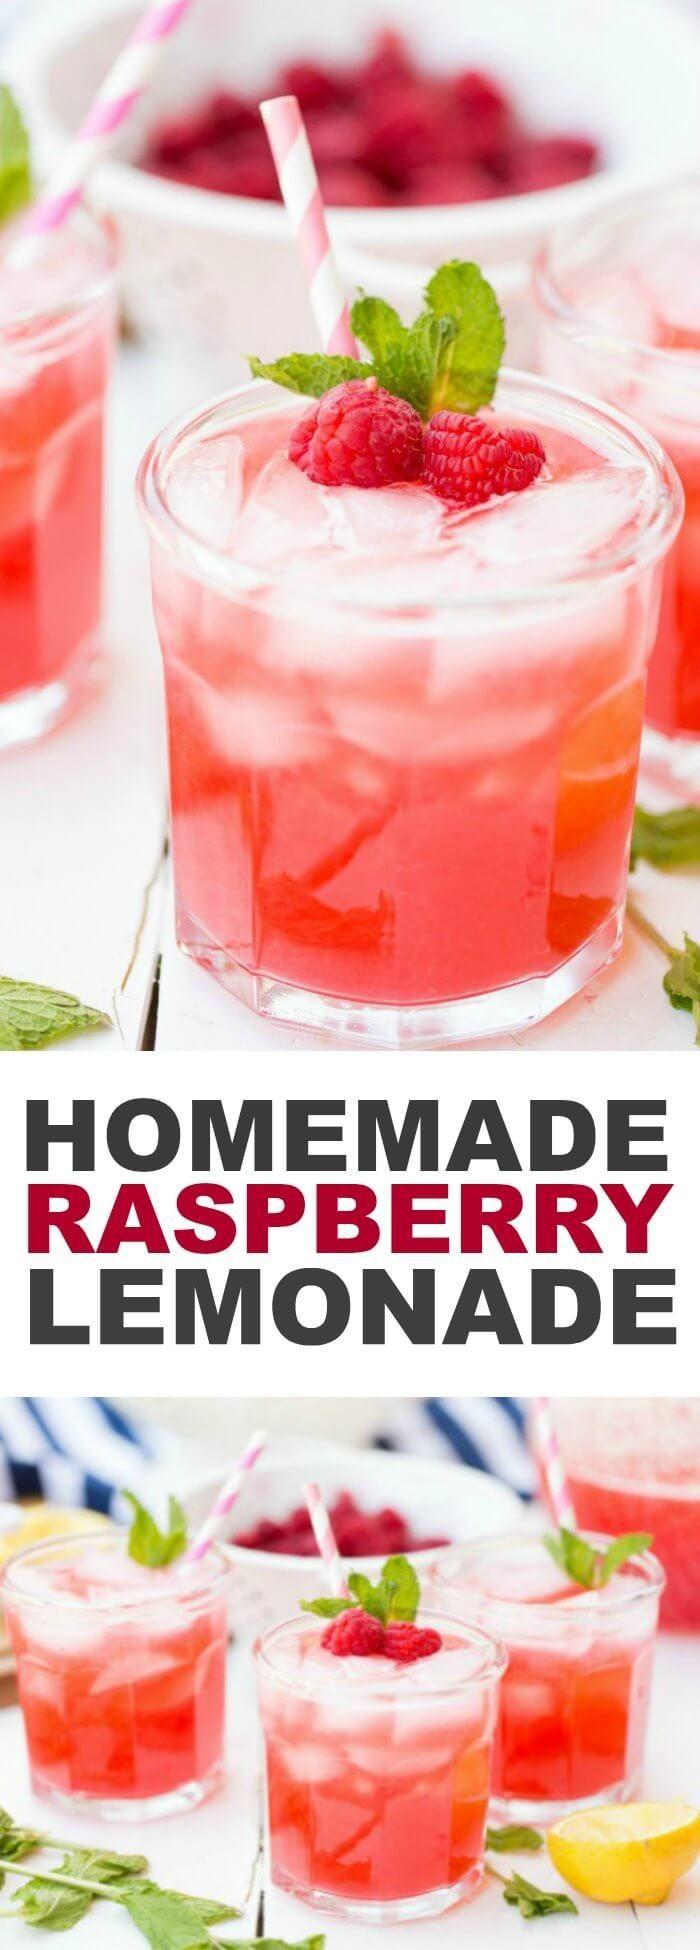 Homemade Raspberry Lemonade